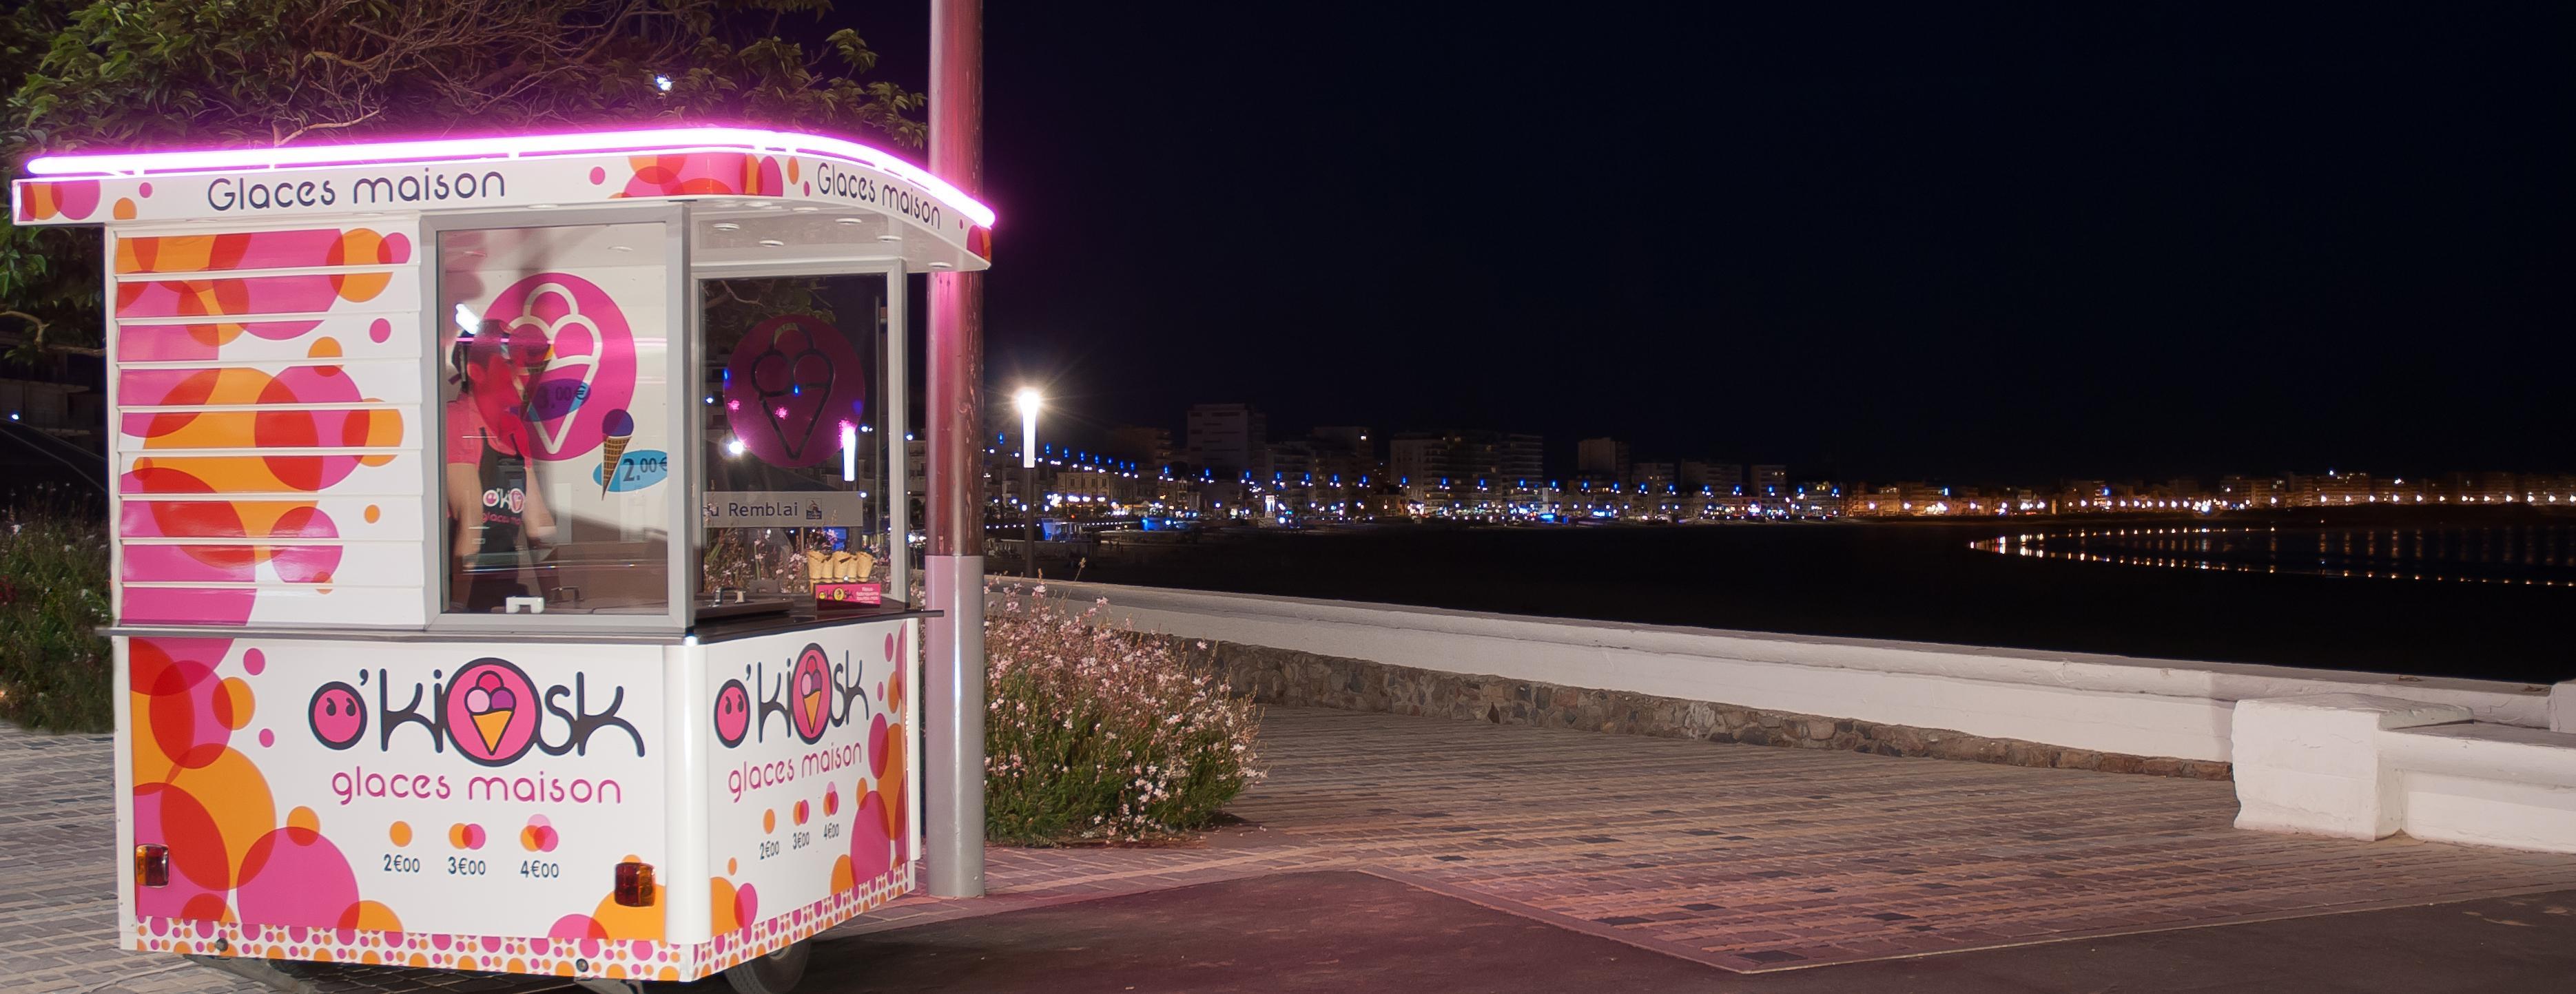 O'kiosk : les meilleures glaces des Sables d'Olonne